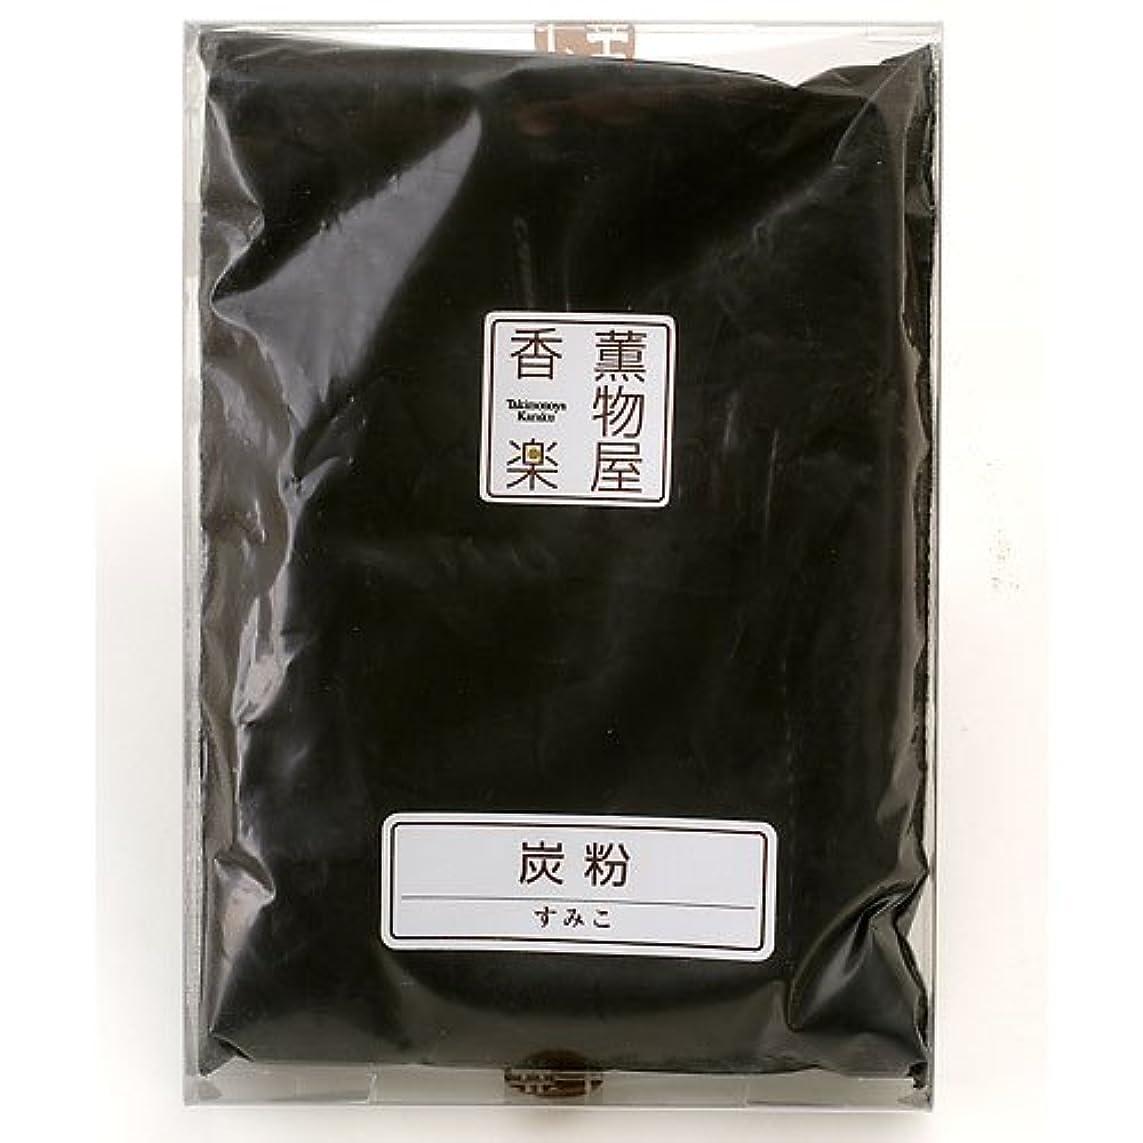 不透明なコンクリートニュージーランド炭粉(着火/カビ防止) 線香?練香の材料